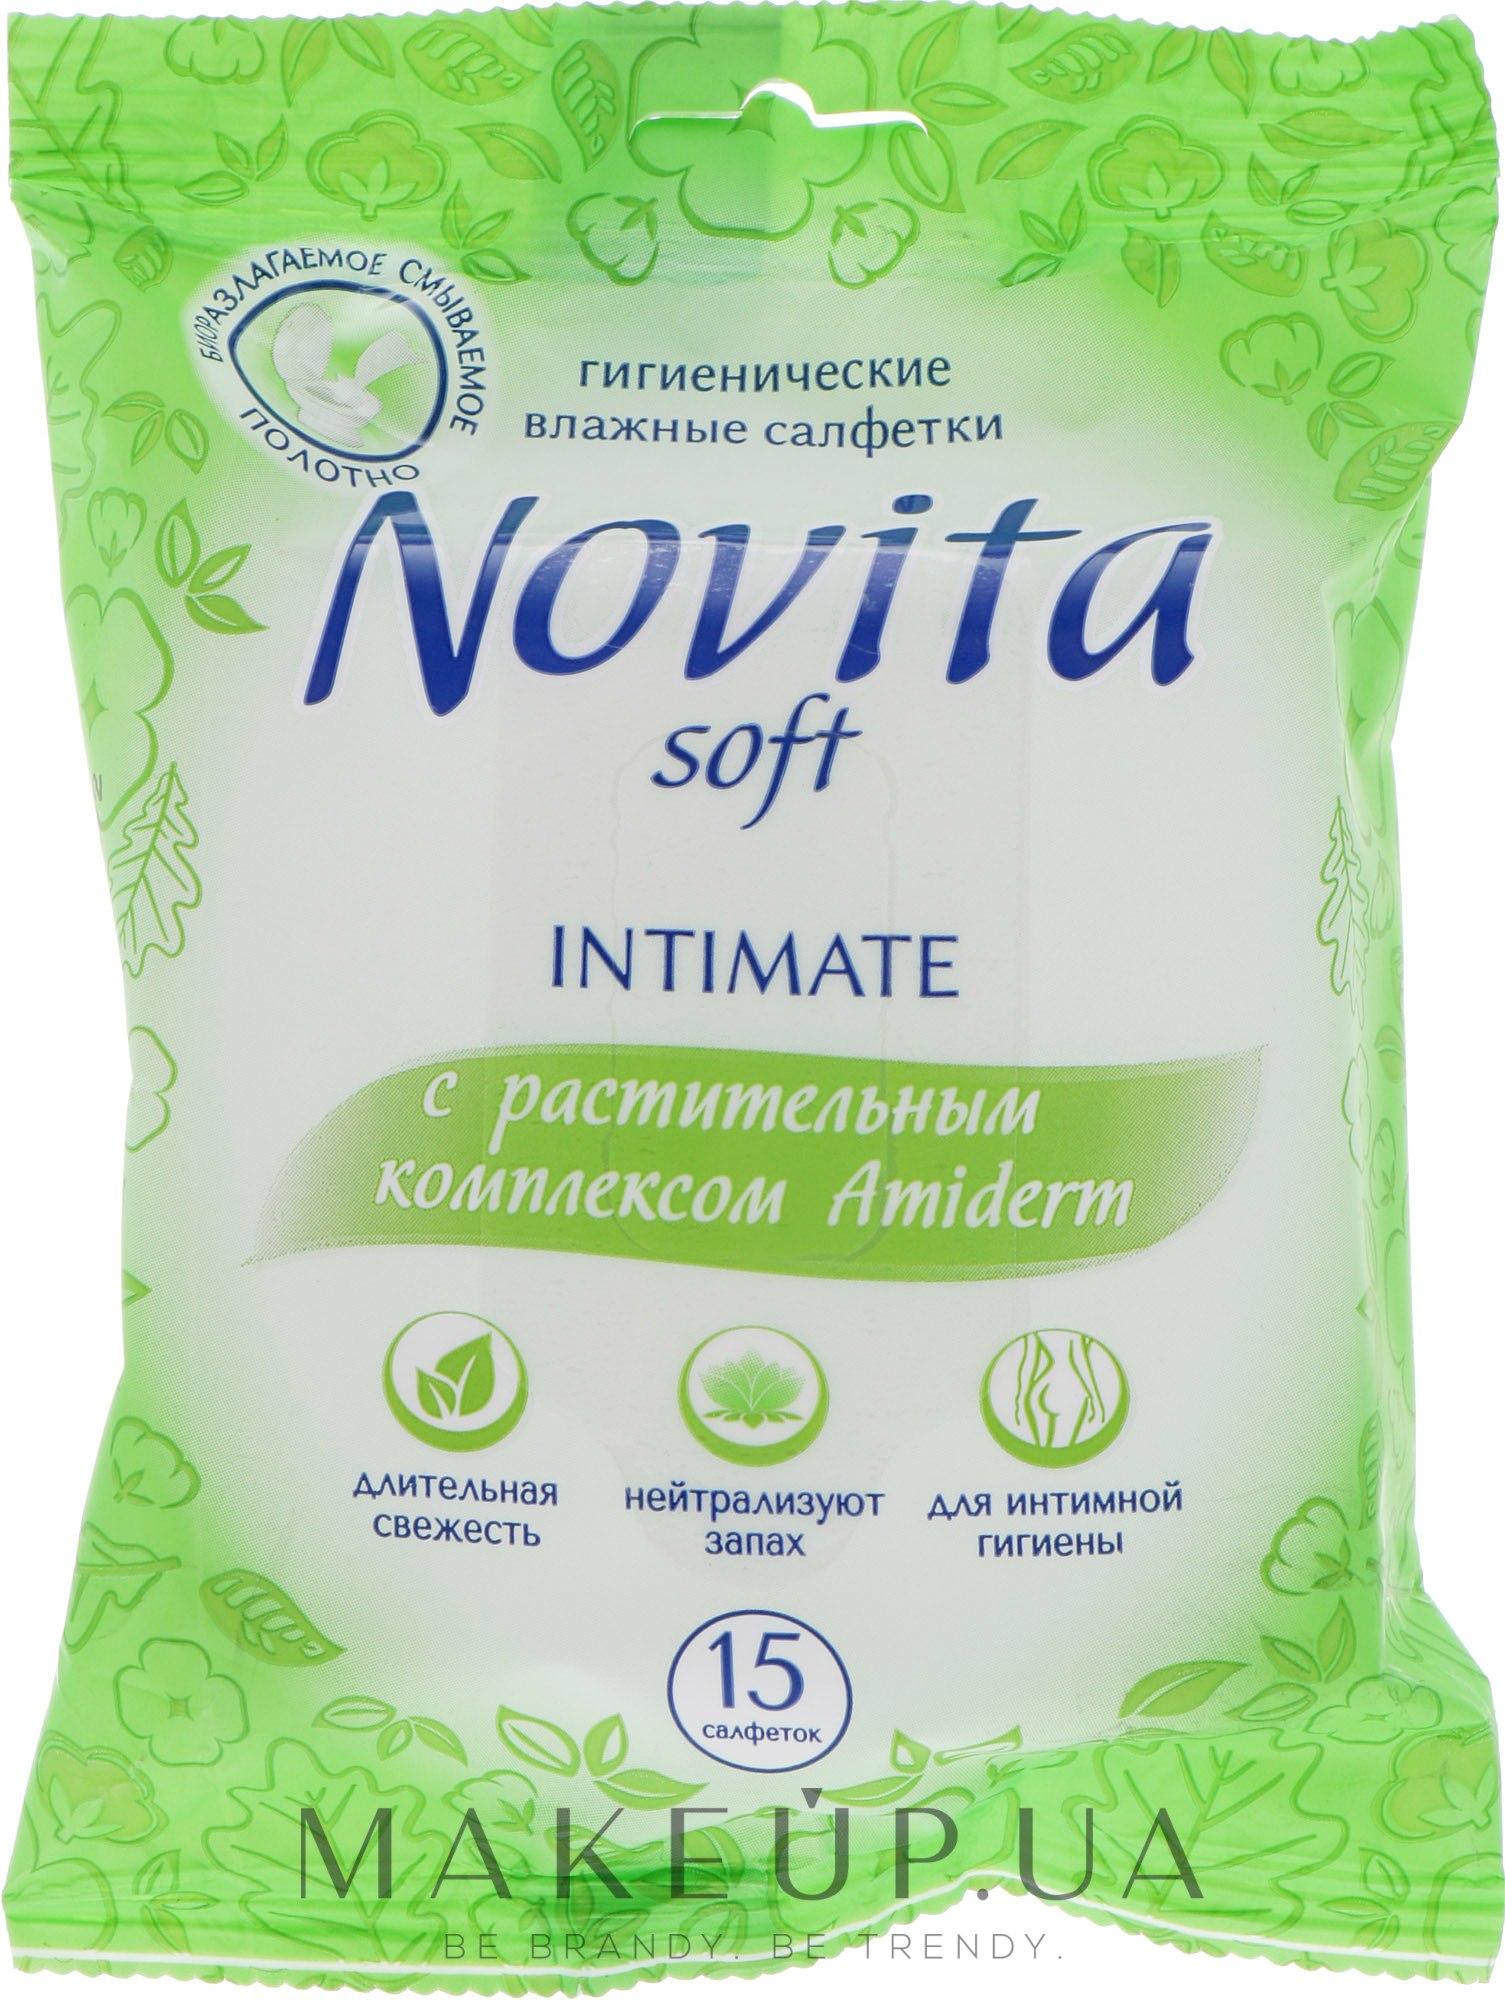 """Влажные салфетки """"Intimate"""" с растительным комплексом Amiderm - Novita Soft — фото 15шт"""